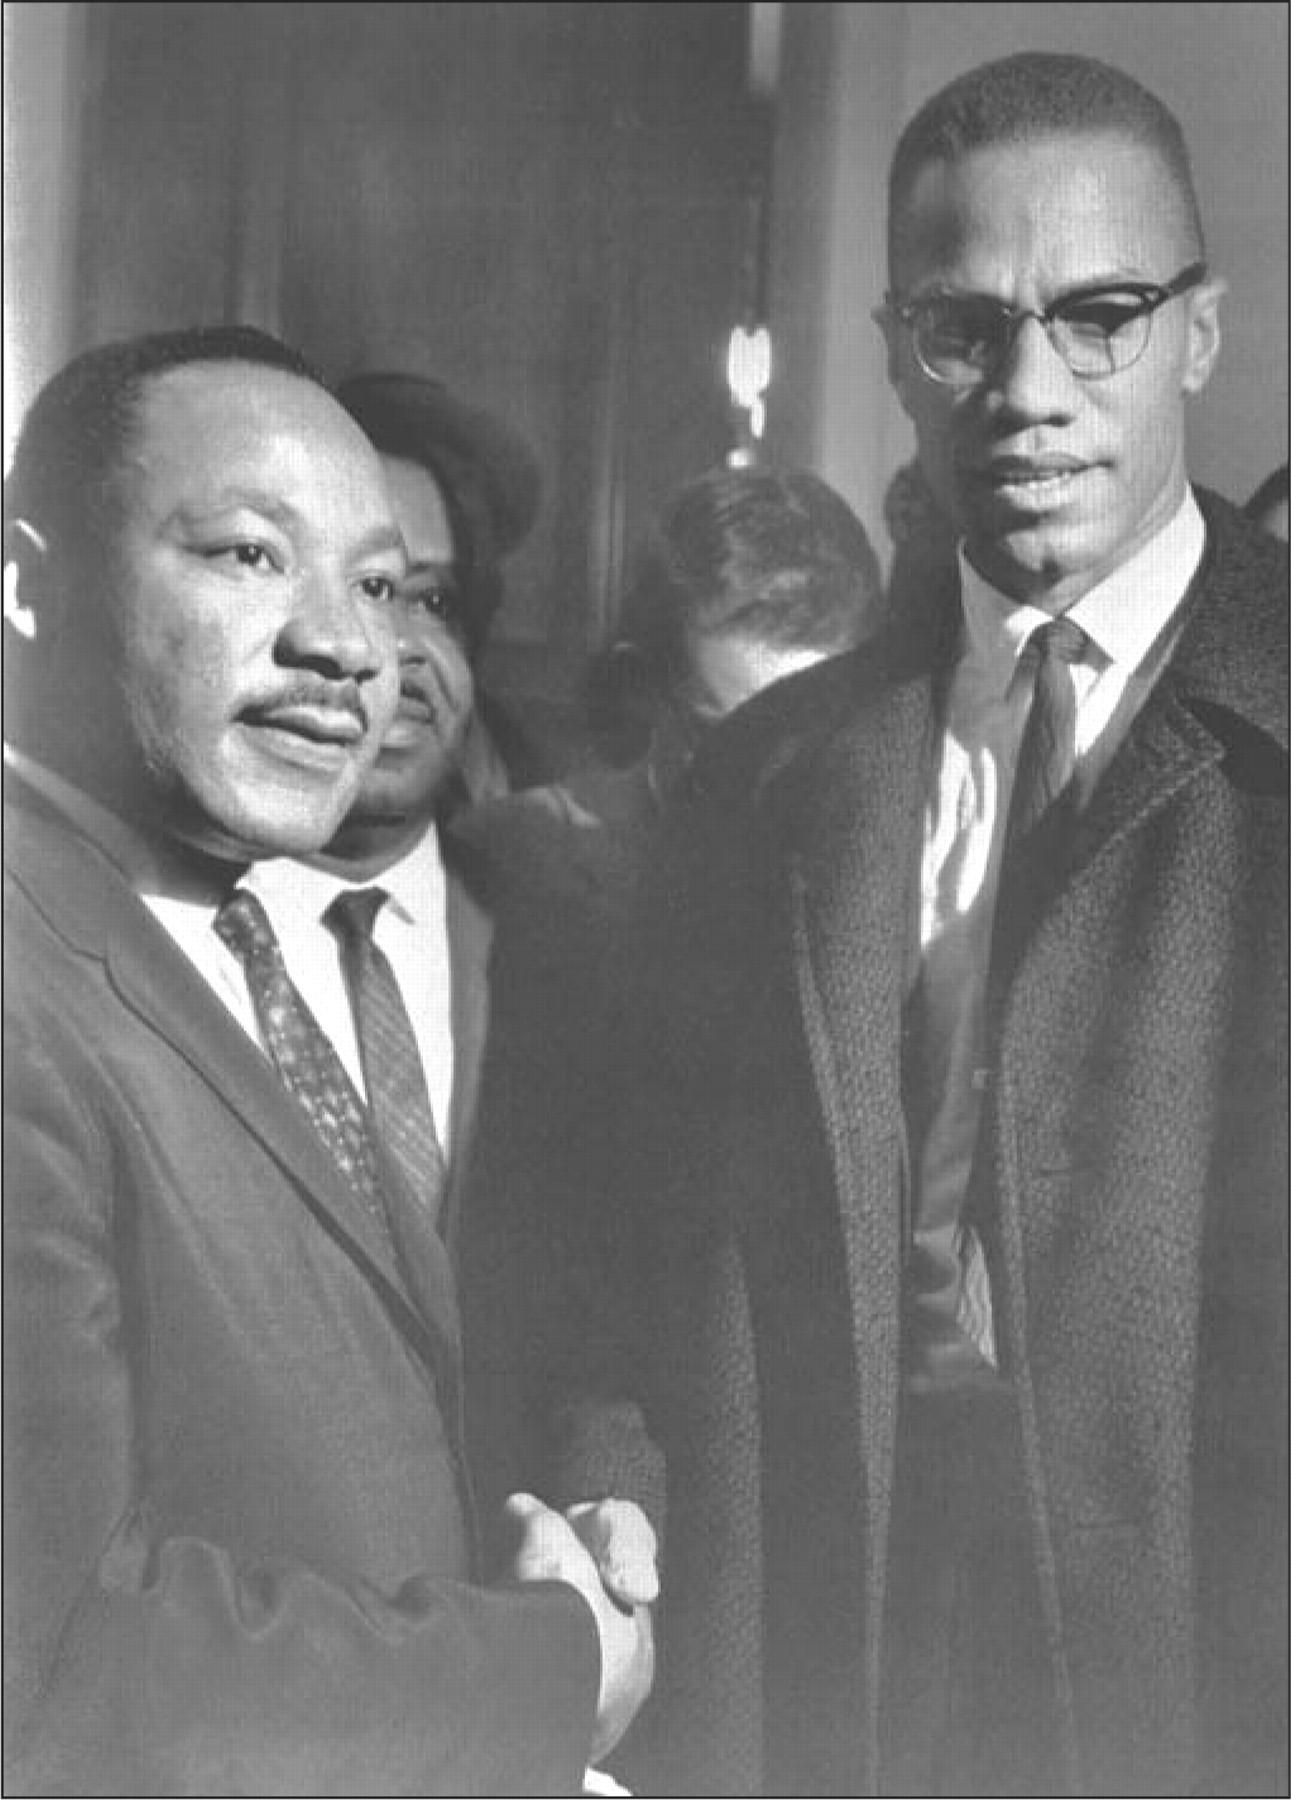 Malcolm X Vanguard Usg Wiki Fandom Powered By Wikia